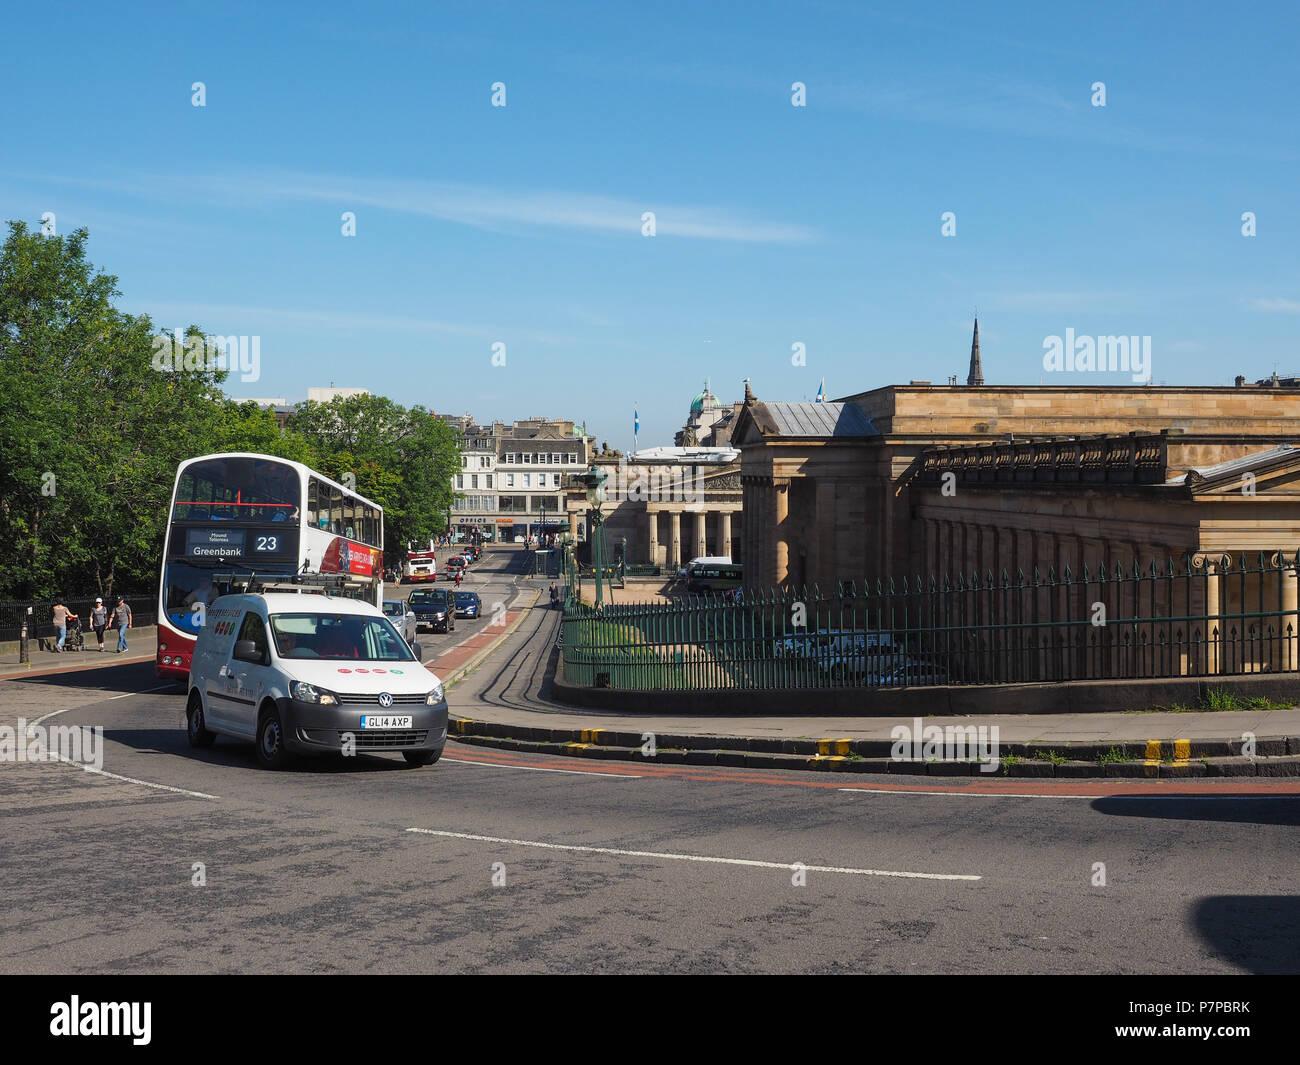 EDINBURGH, UK - CIRCA JUNE 2018: View of the city Stock Photo